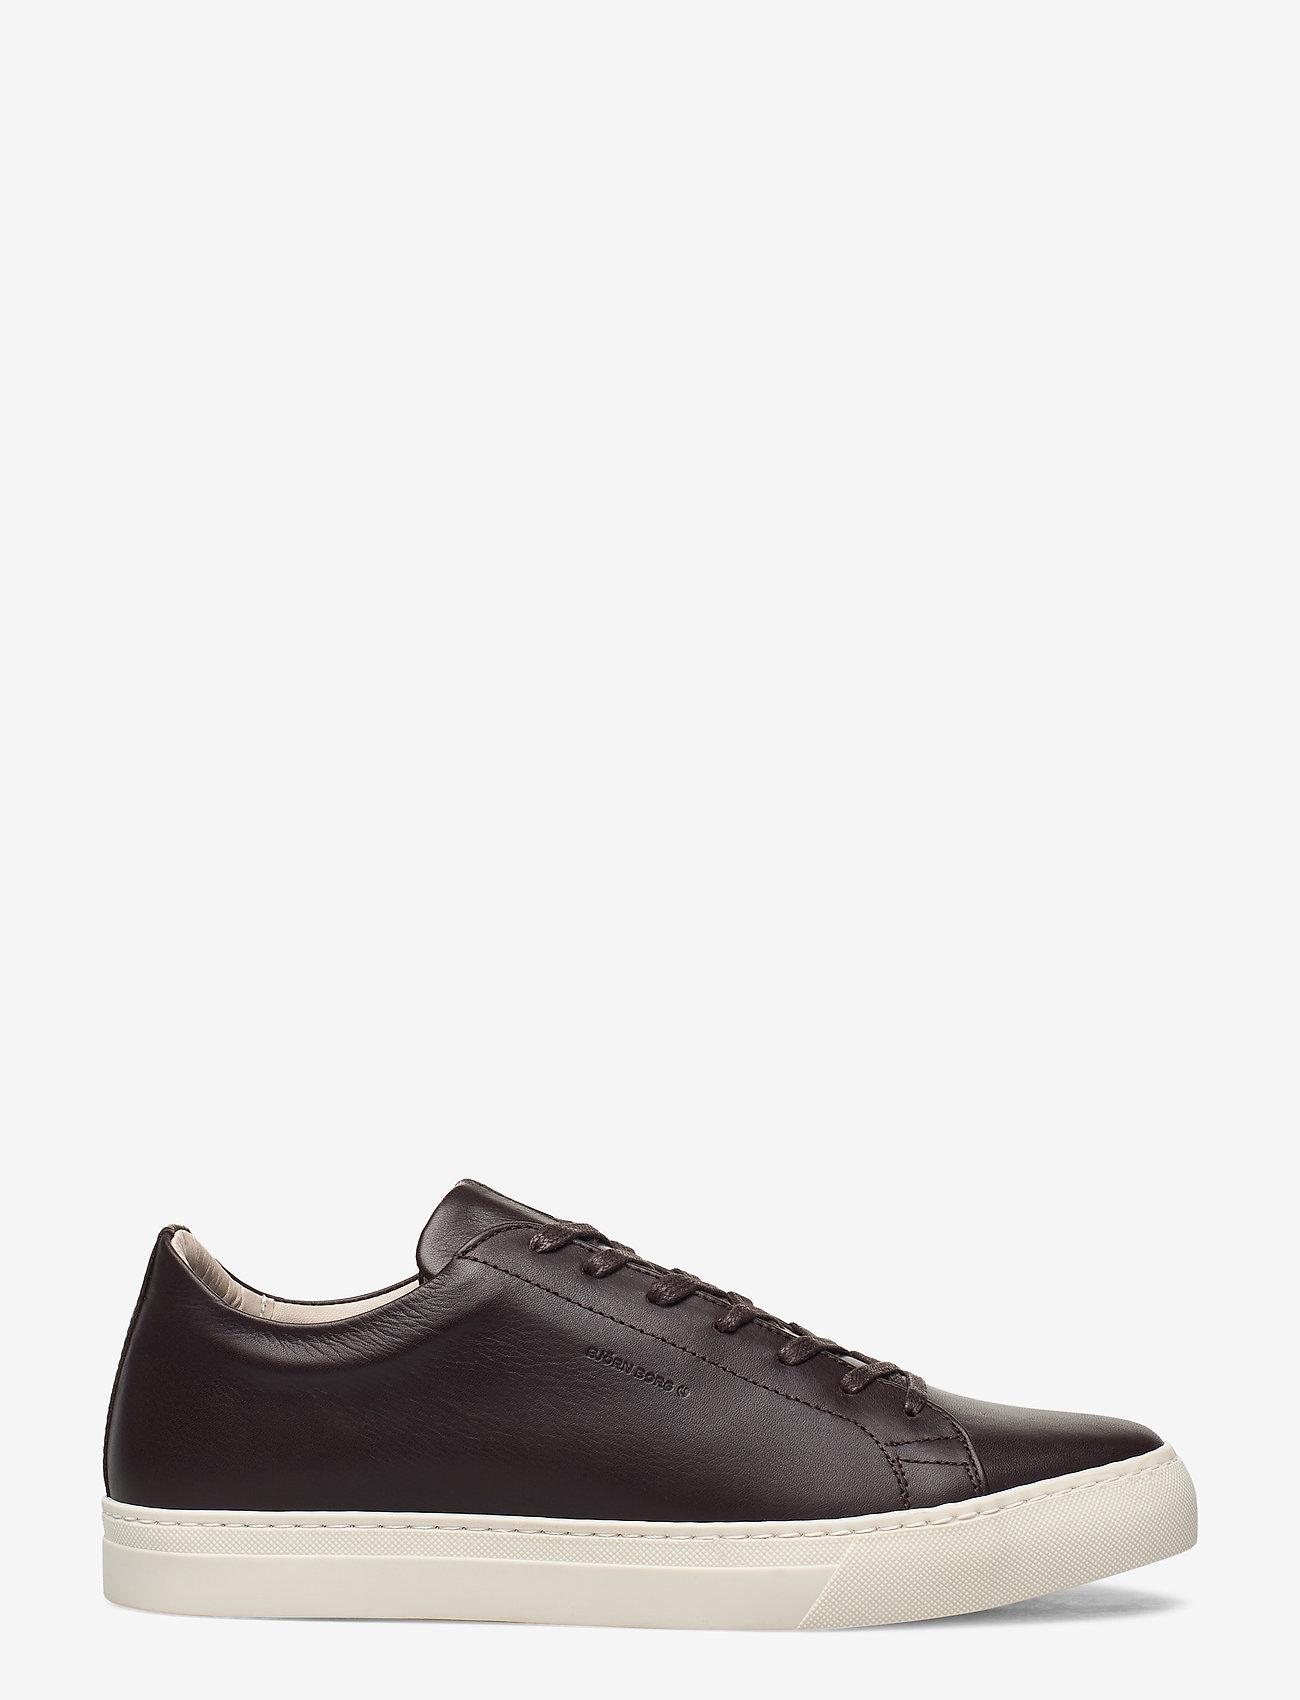 Björn Borg - JORDEN LEA M - laag sneakers - dark brown - 1